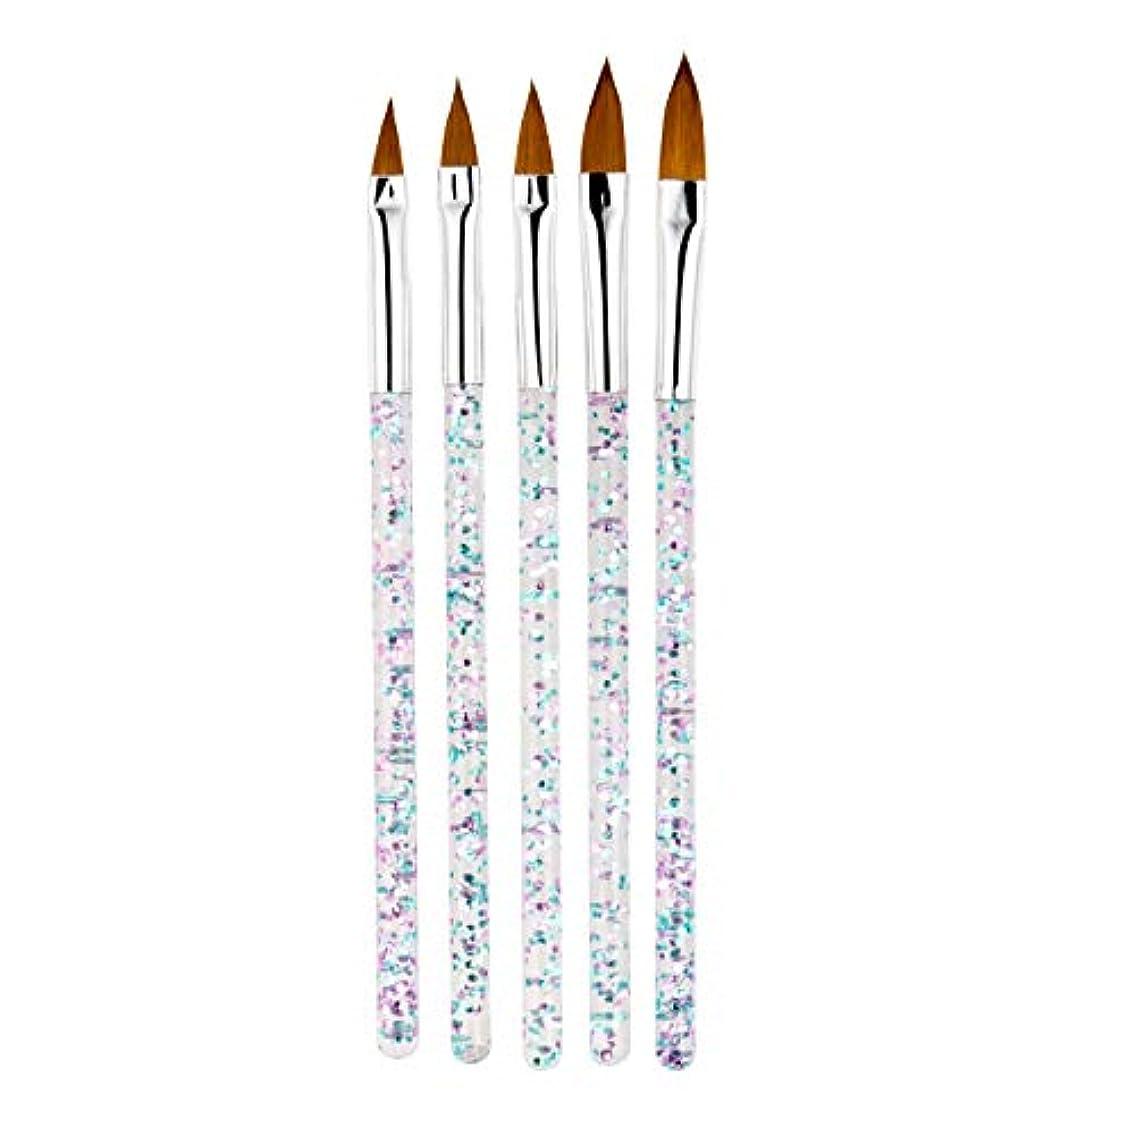 下線敏感な失CUHAWUDBA 5本/セット、11/13/15/17/19Mm ネイルアート水晶ブラシ、Uvジェルのビルダー、絵画用ドットペン、彫刻、先端、マニキュア、サロンのツール